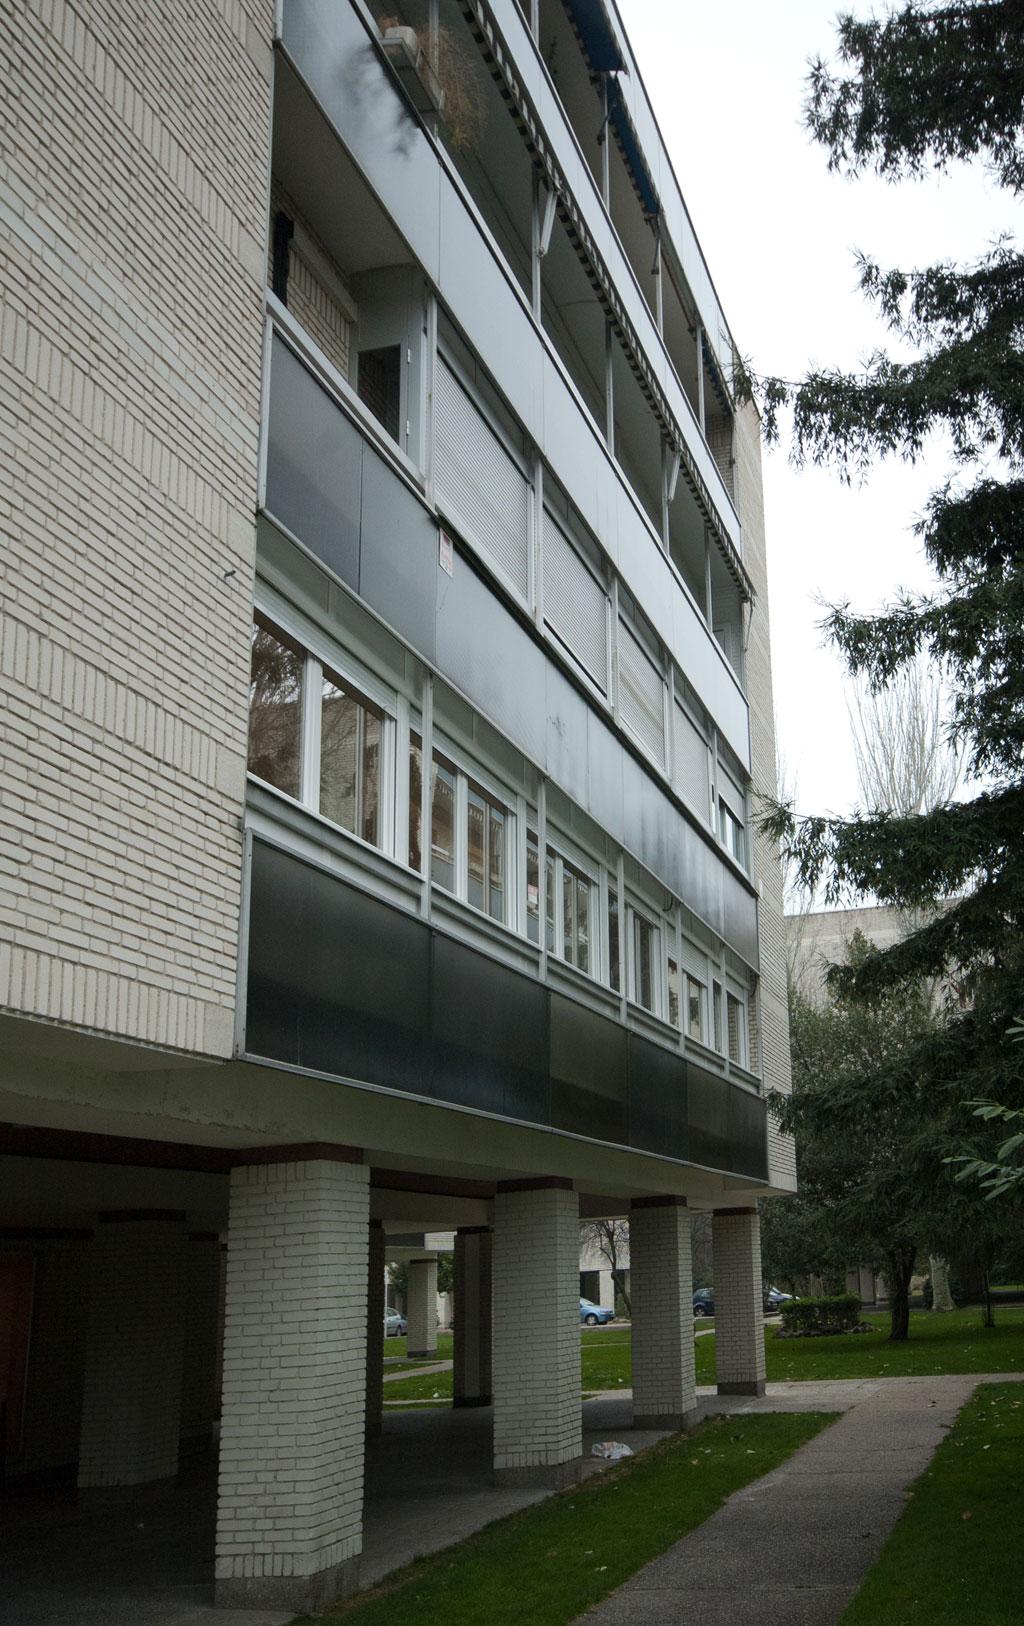 Casa en constructor reforma una casa de 50 metros - Reforma integral piso 60 metros ...